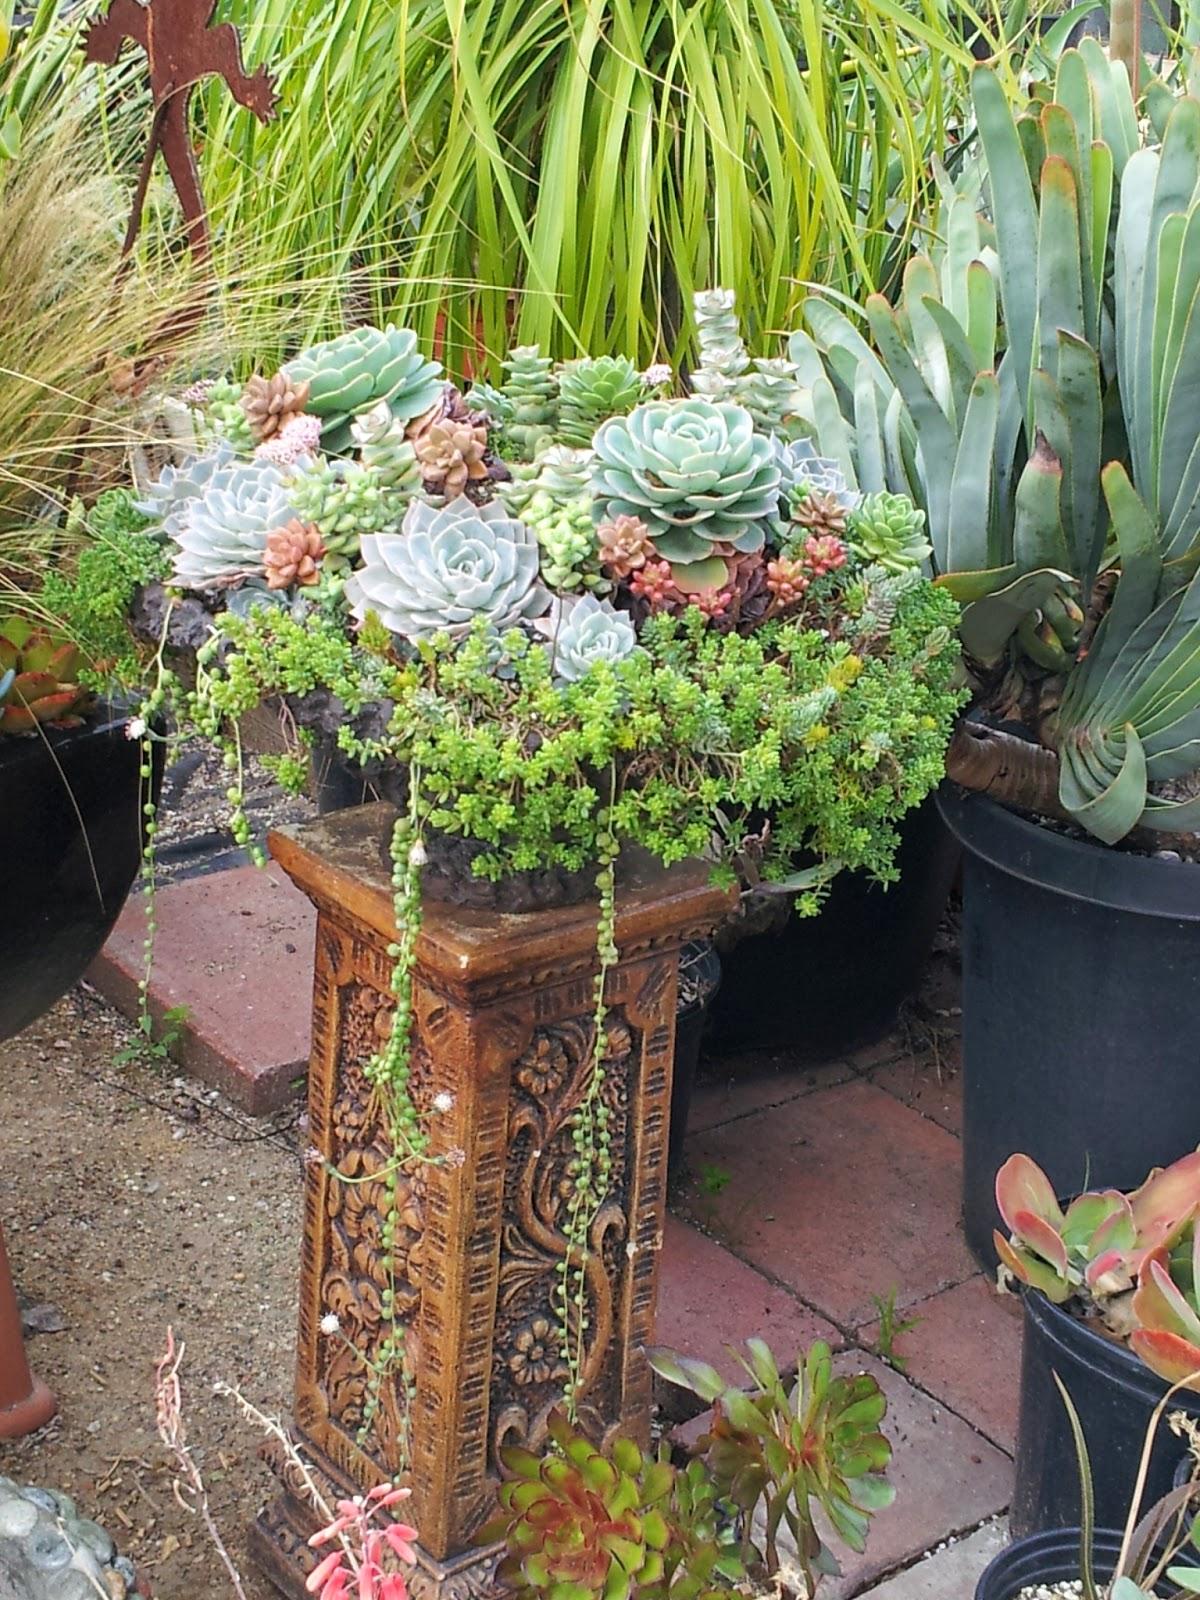 Studio, Garden & Bungalow: It's Cactus Time: California Cactus Center